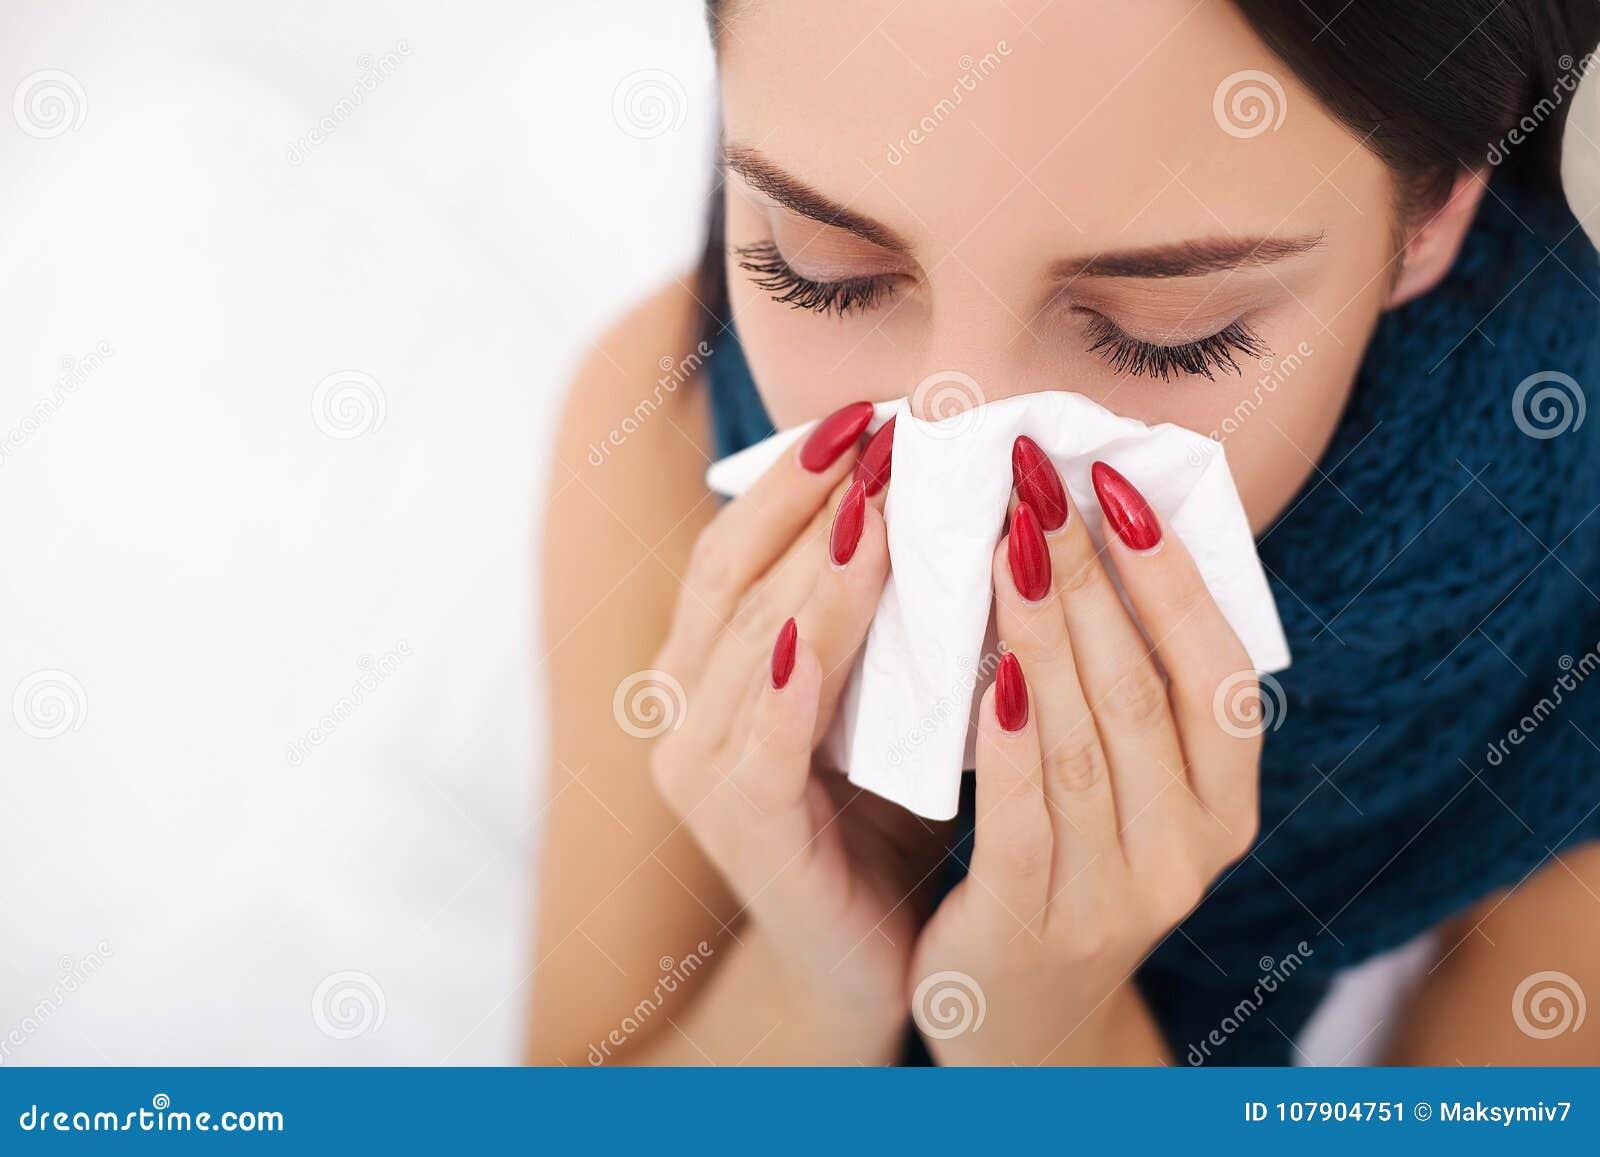 Mujer enferma gripe Frío cogido mujer Estornudo en tejido